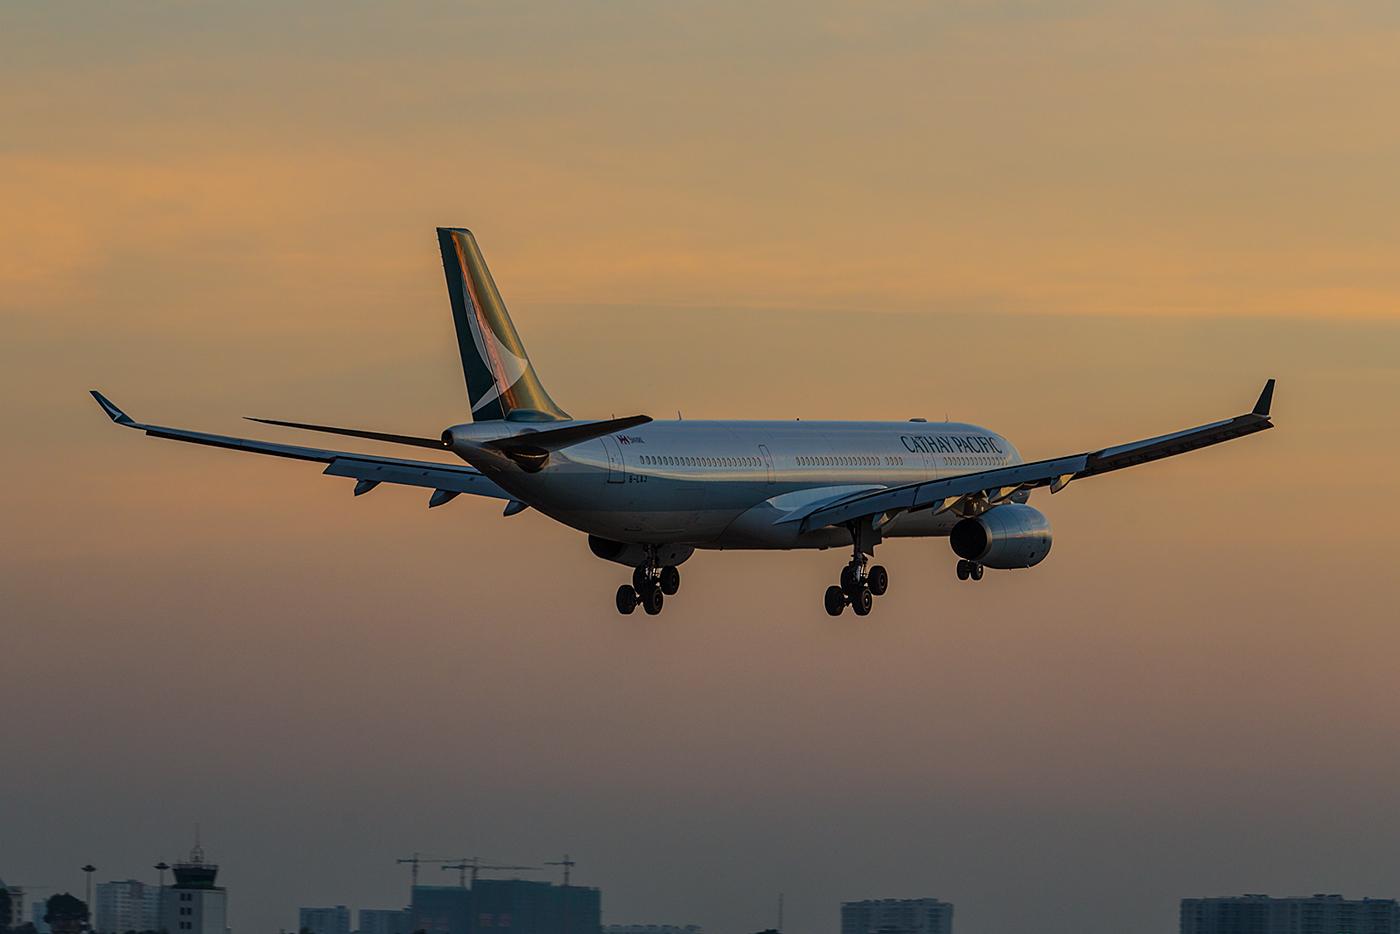 Cathay Pacific A330 im letzten Abendlicht.